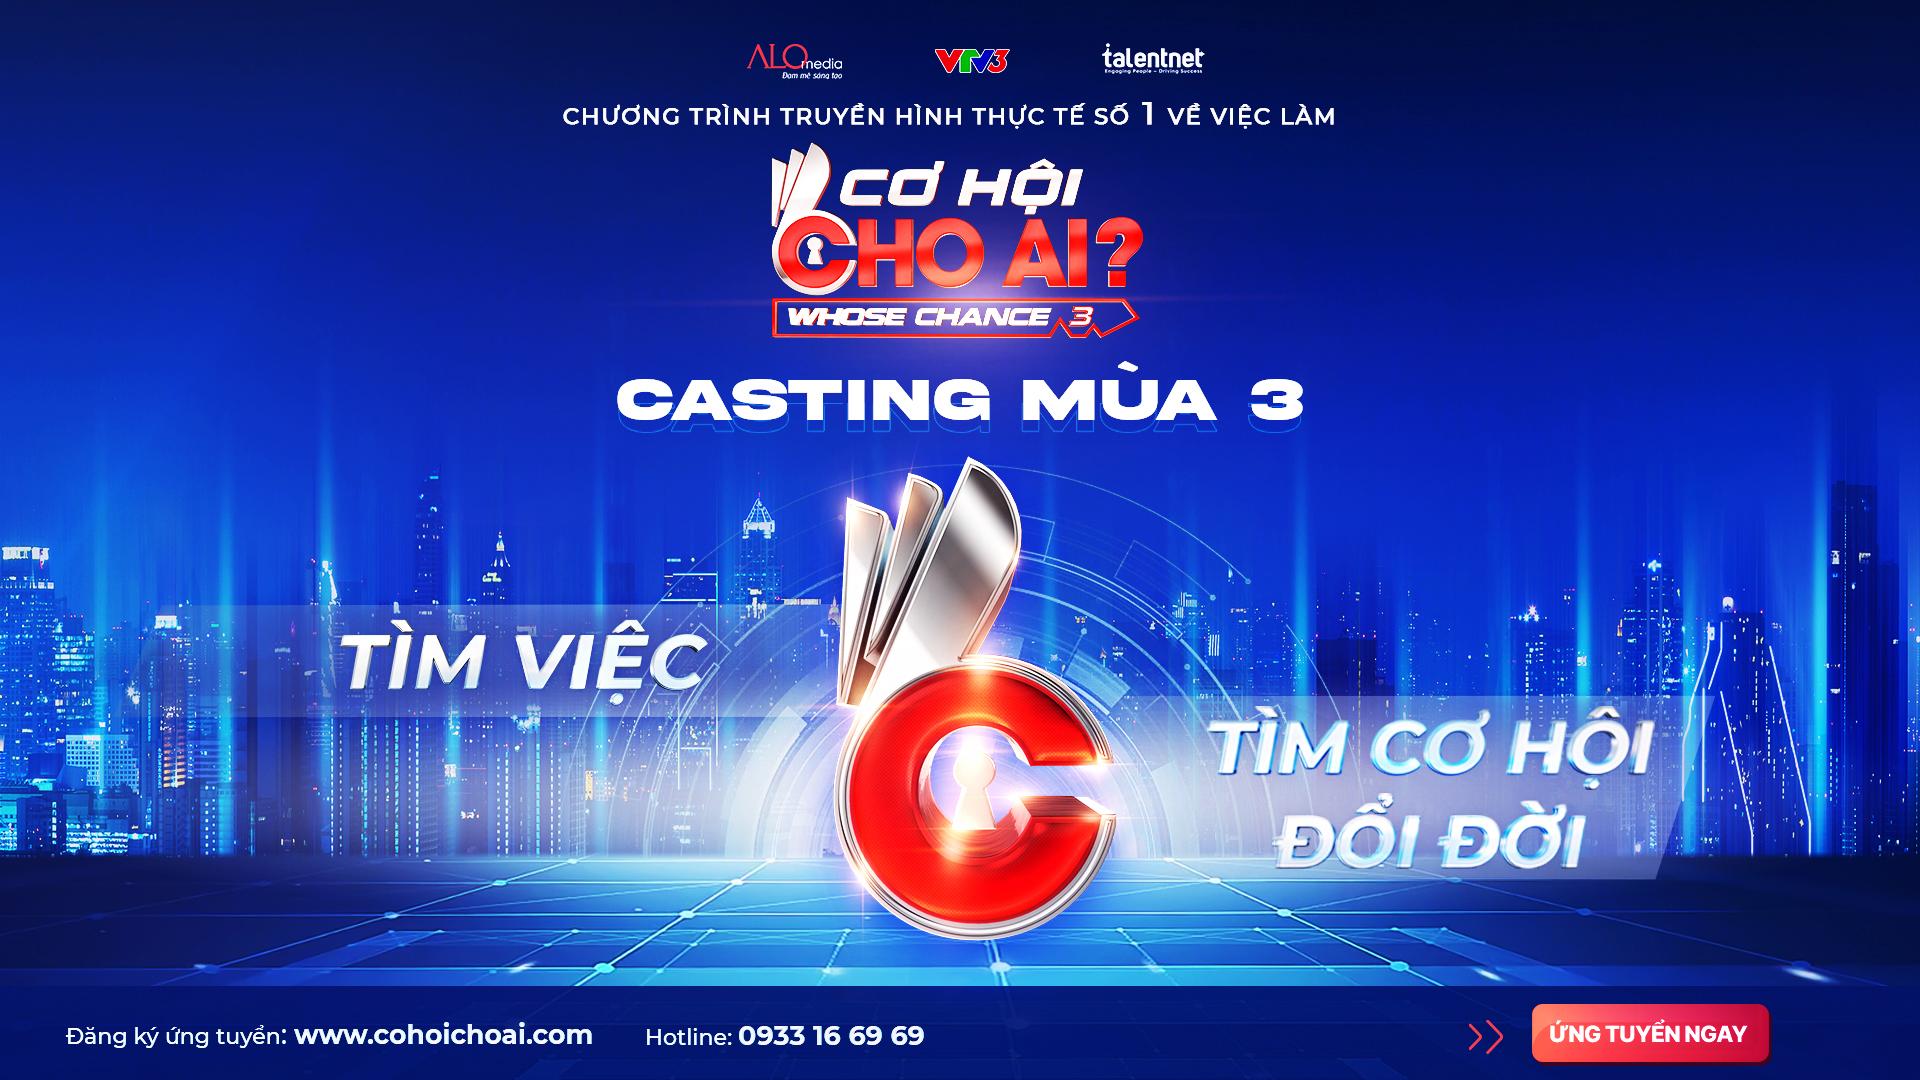 CASTING CALL: CƠ HỘI CHO AI MÙA 3